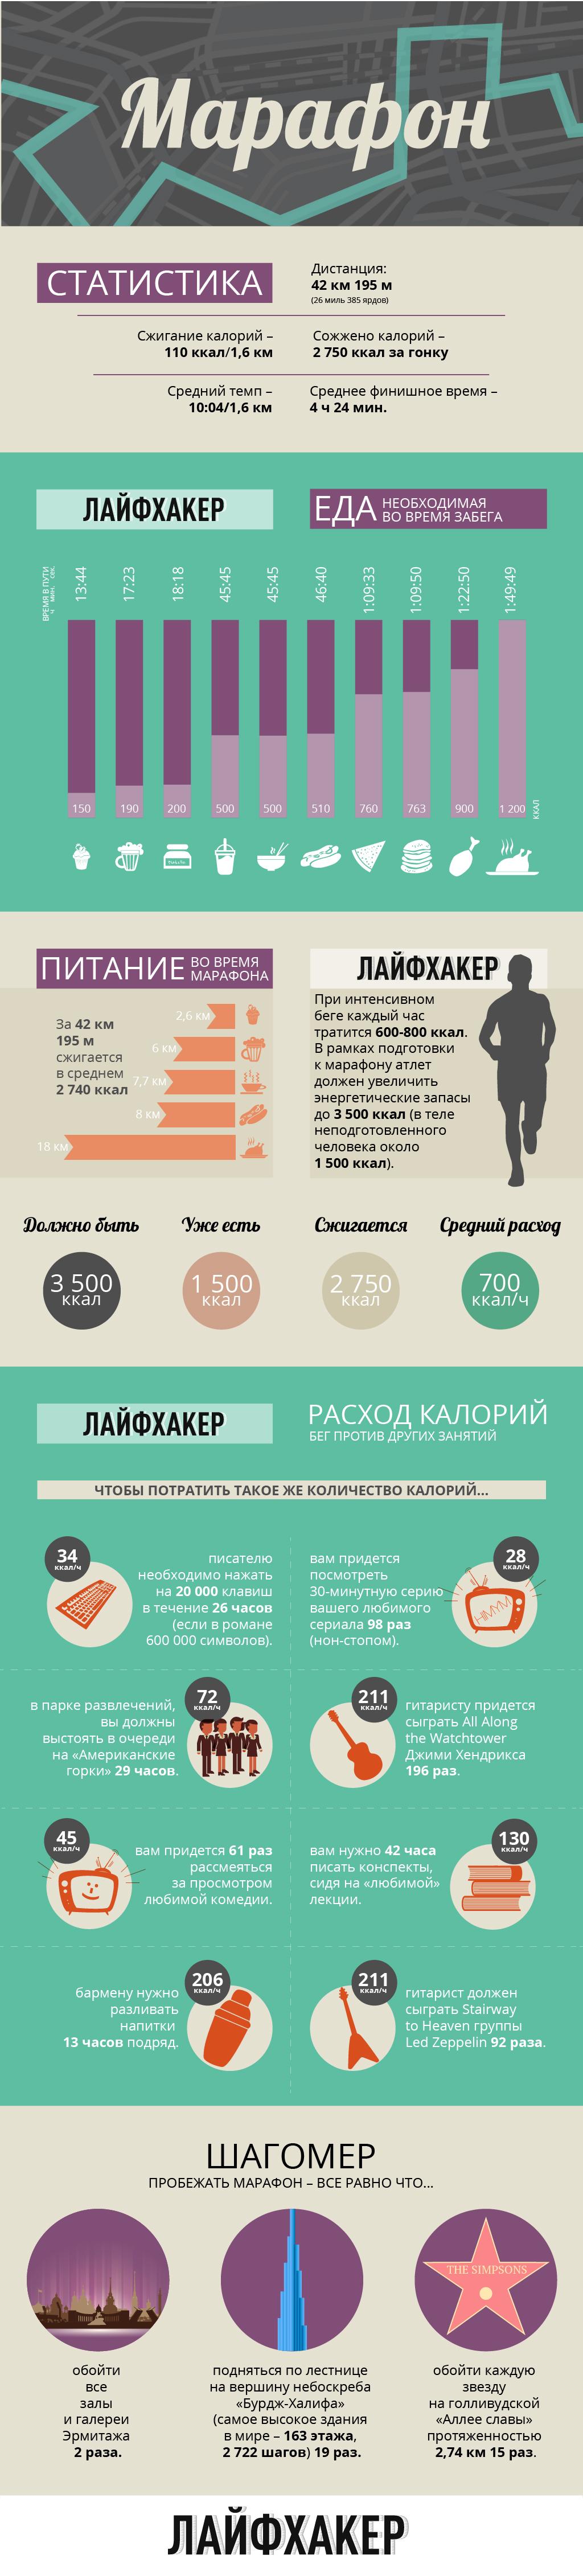 ИНФОГРАФИКА: Марафон в цифрах и фактах